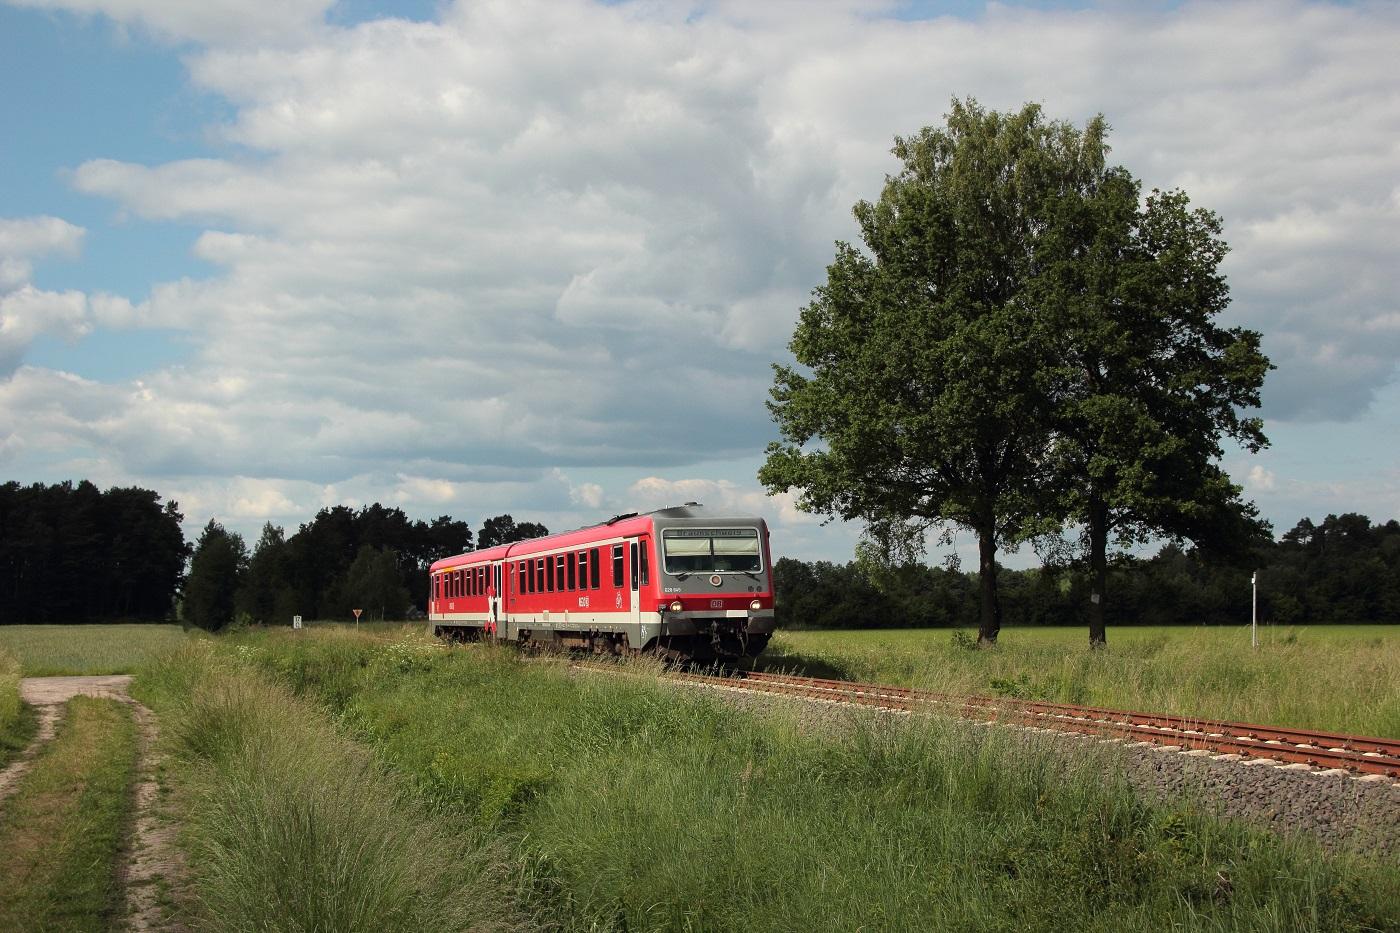 http://www.nachtbahner.de/Fotos/2014-05-30%20KBS%20115%20M%c3%bchlenbahn%20Uelzen%20-%20Braunschweig%20/k-IMG_6453%20KBS%20115%20M%c3%bchlenbahn%2030.05.14%20(7).JPG